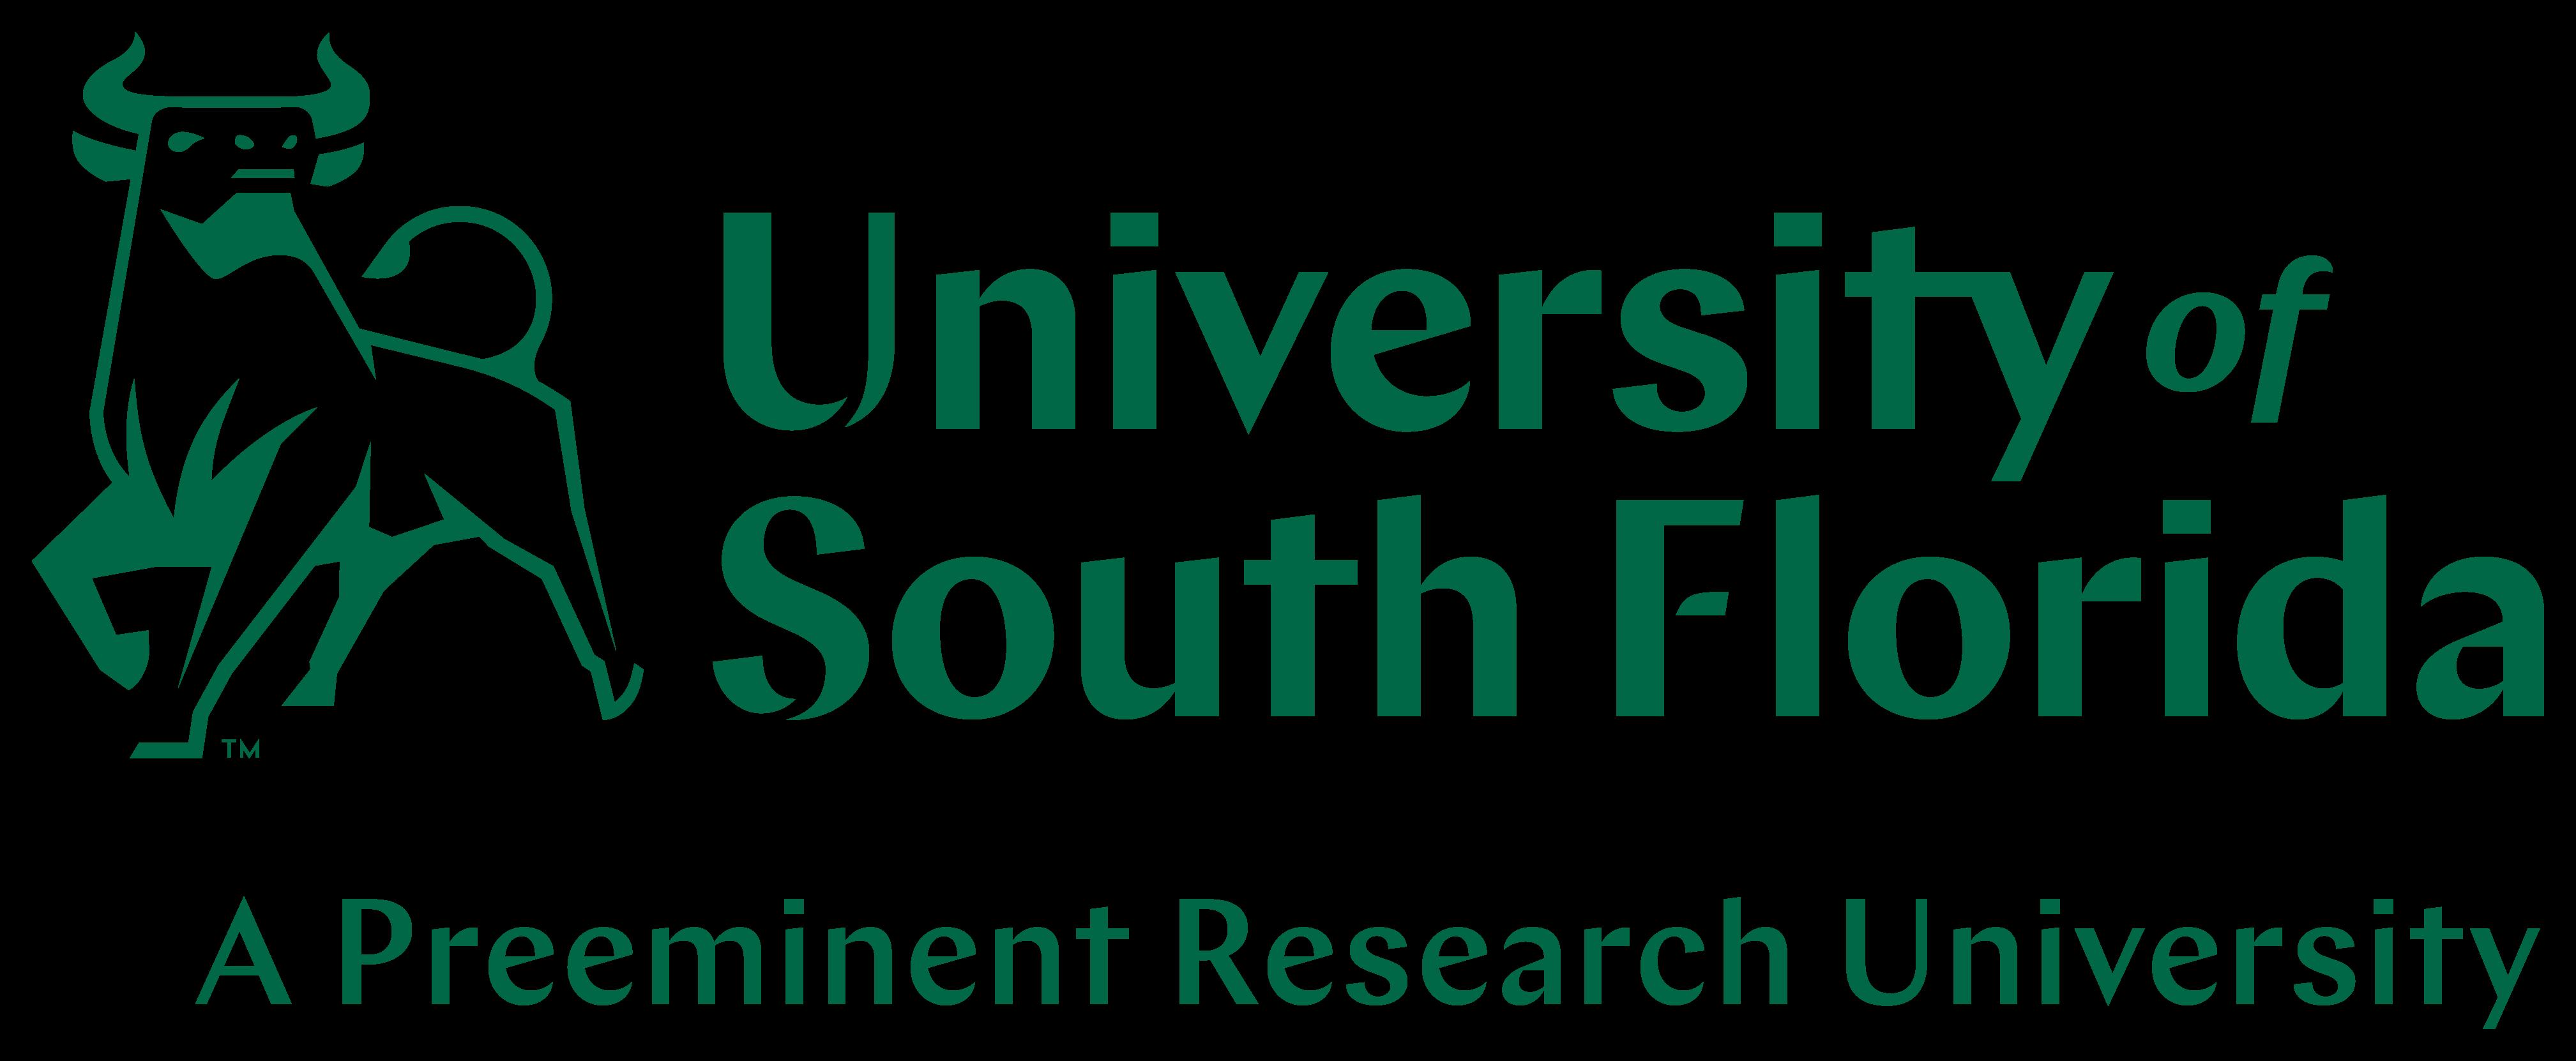 usf-logo-wordmark-preeminent-lightbg-rgb